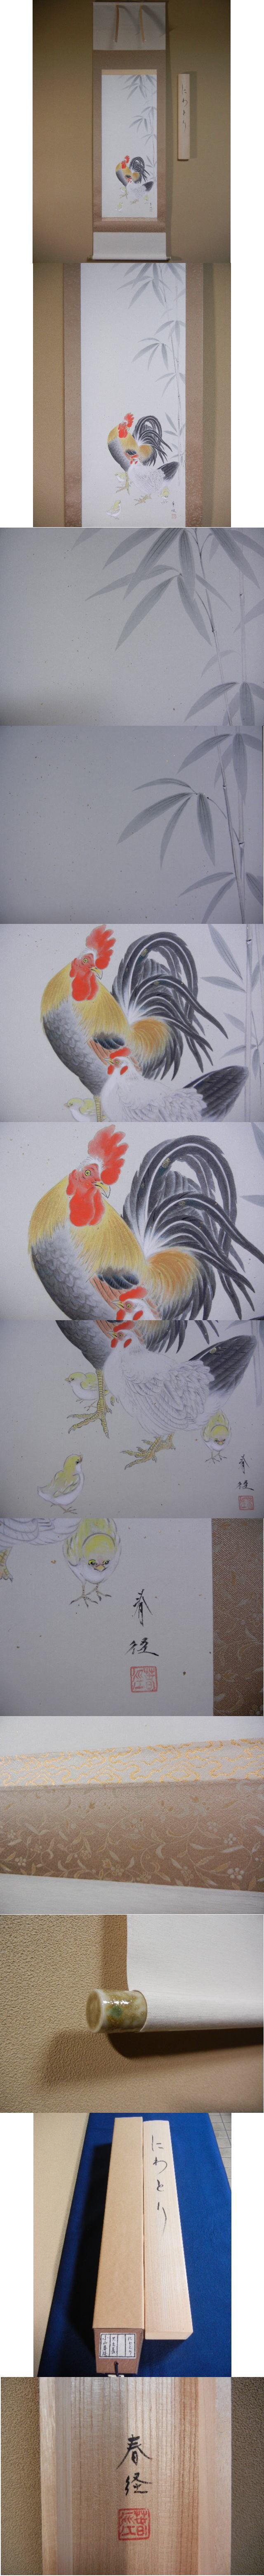 Gjikukoyamaniwatori